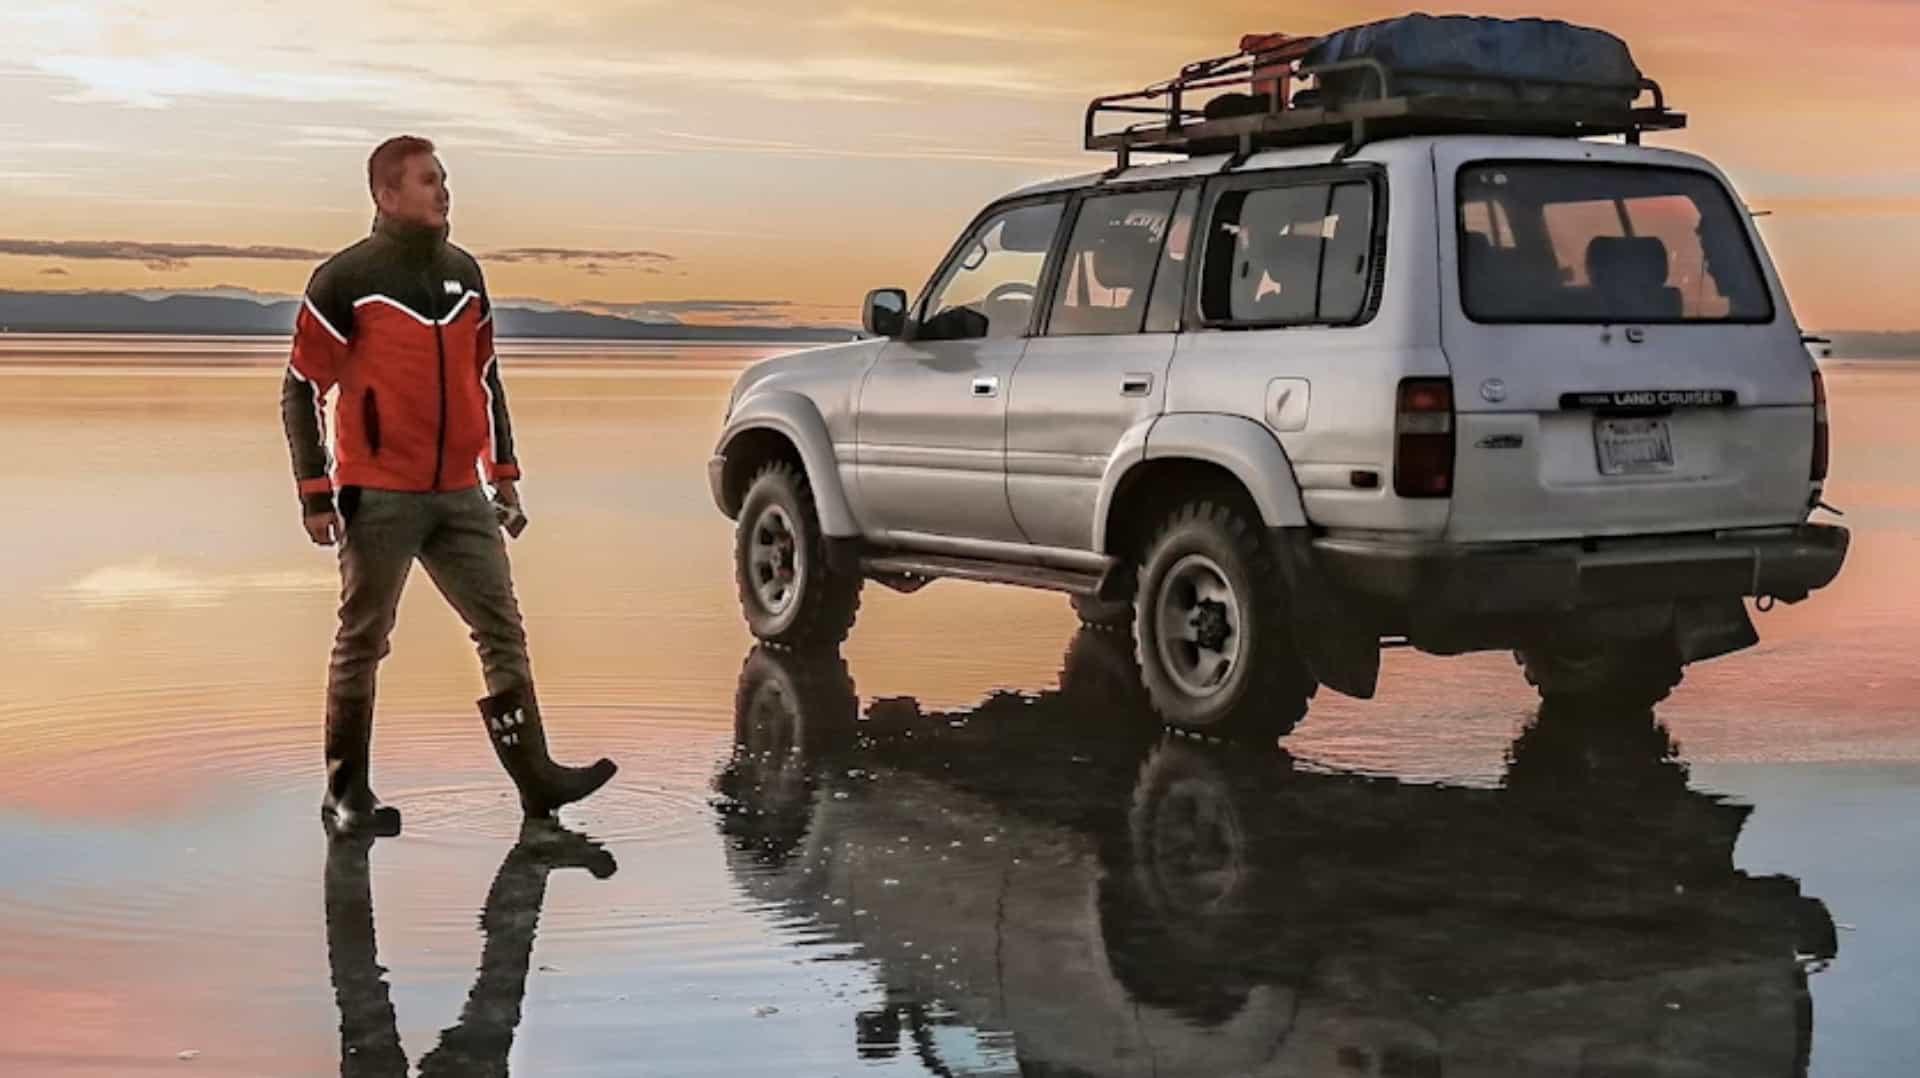 Já ouviu falar no maior deserto de sal do mundo?